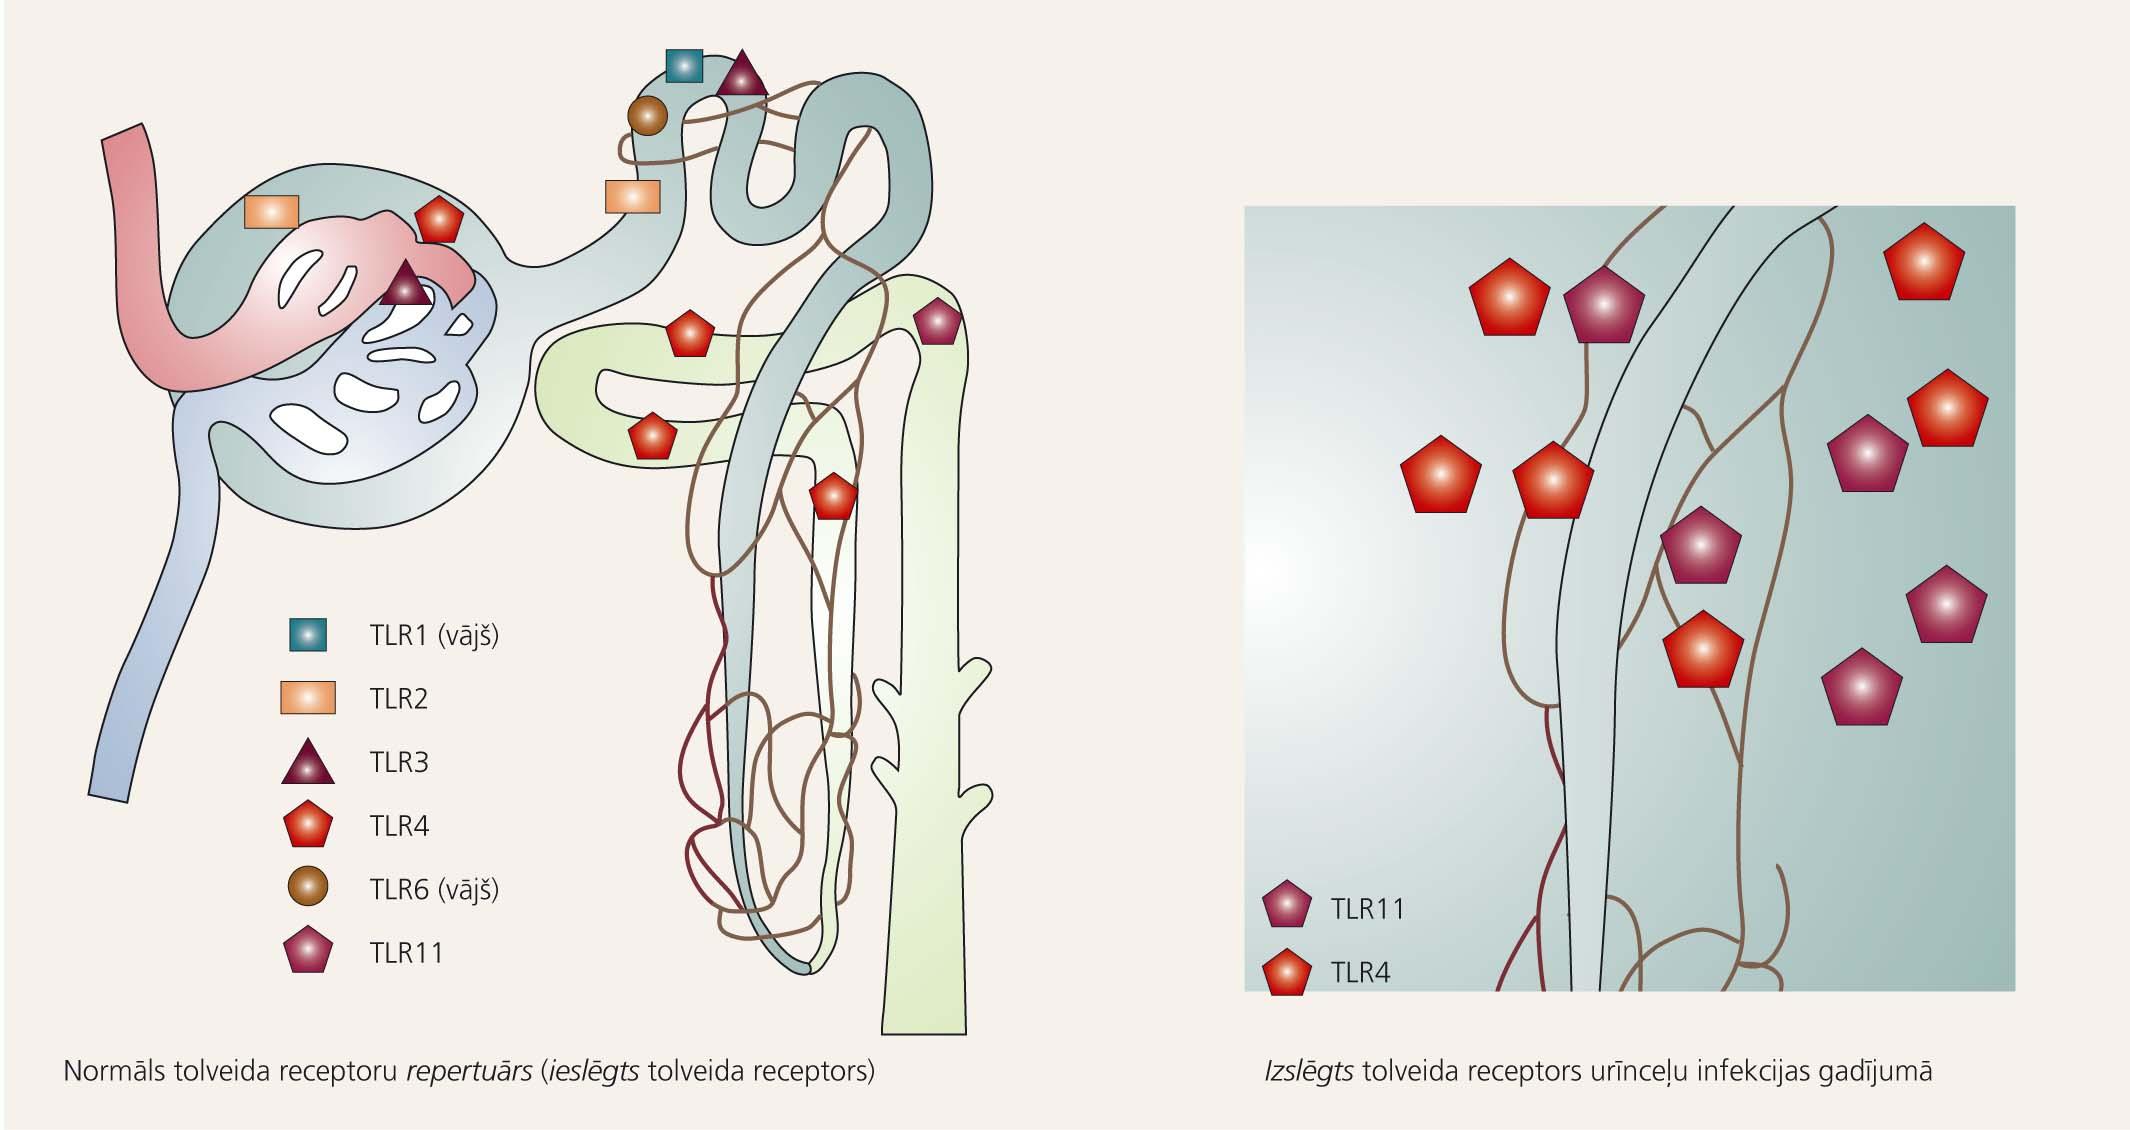 Tolveida receptori – patoģenētiskais faktors urīnceļu infekcijas attīstībā